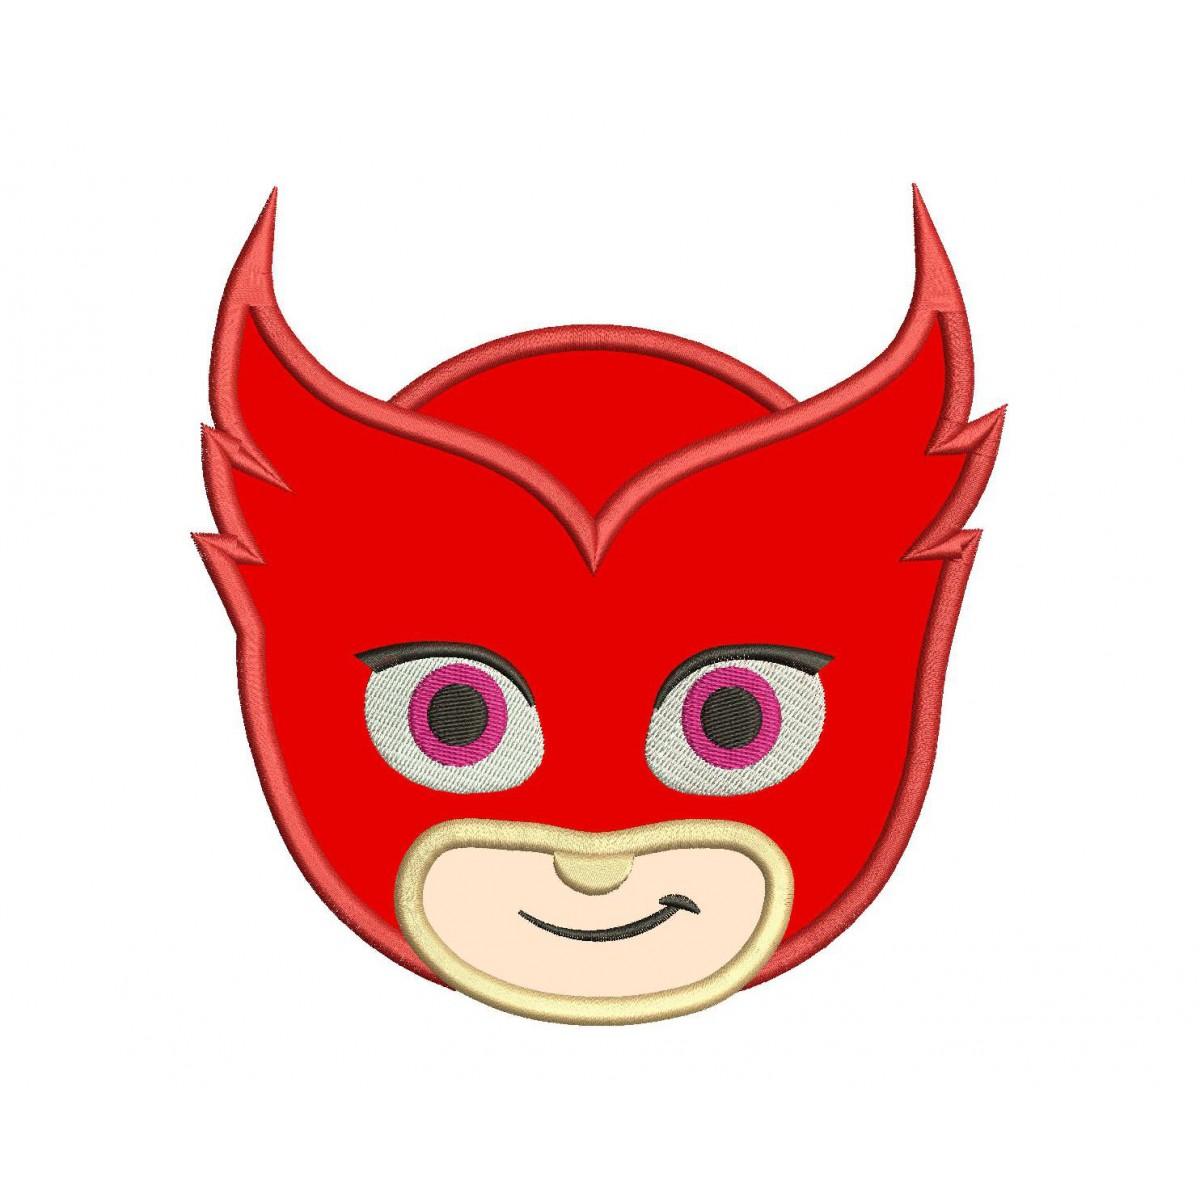 pj masks owlette head applique design